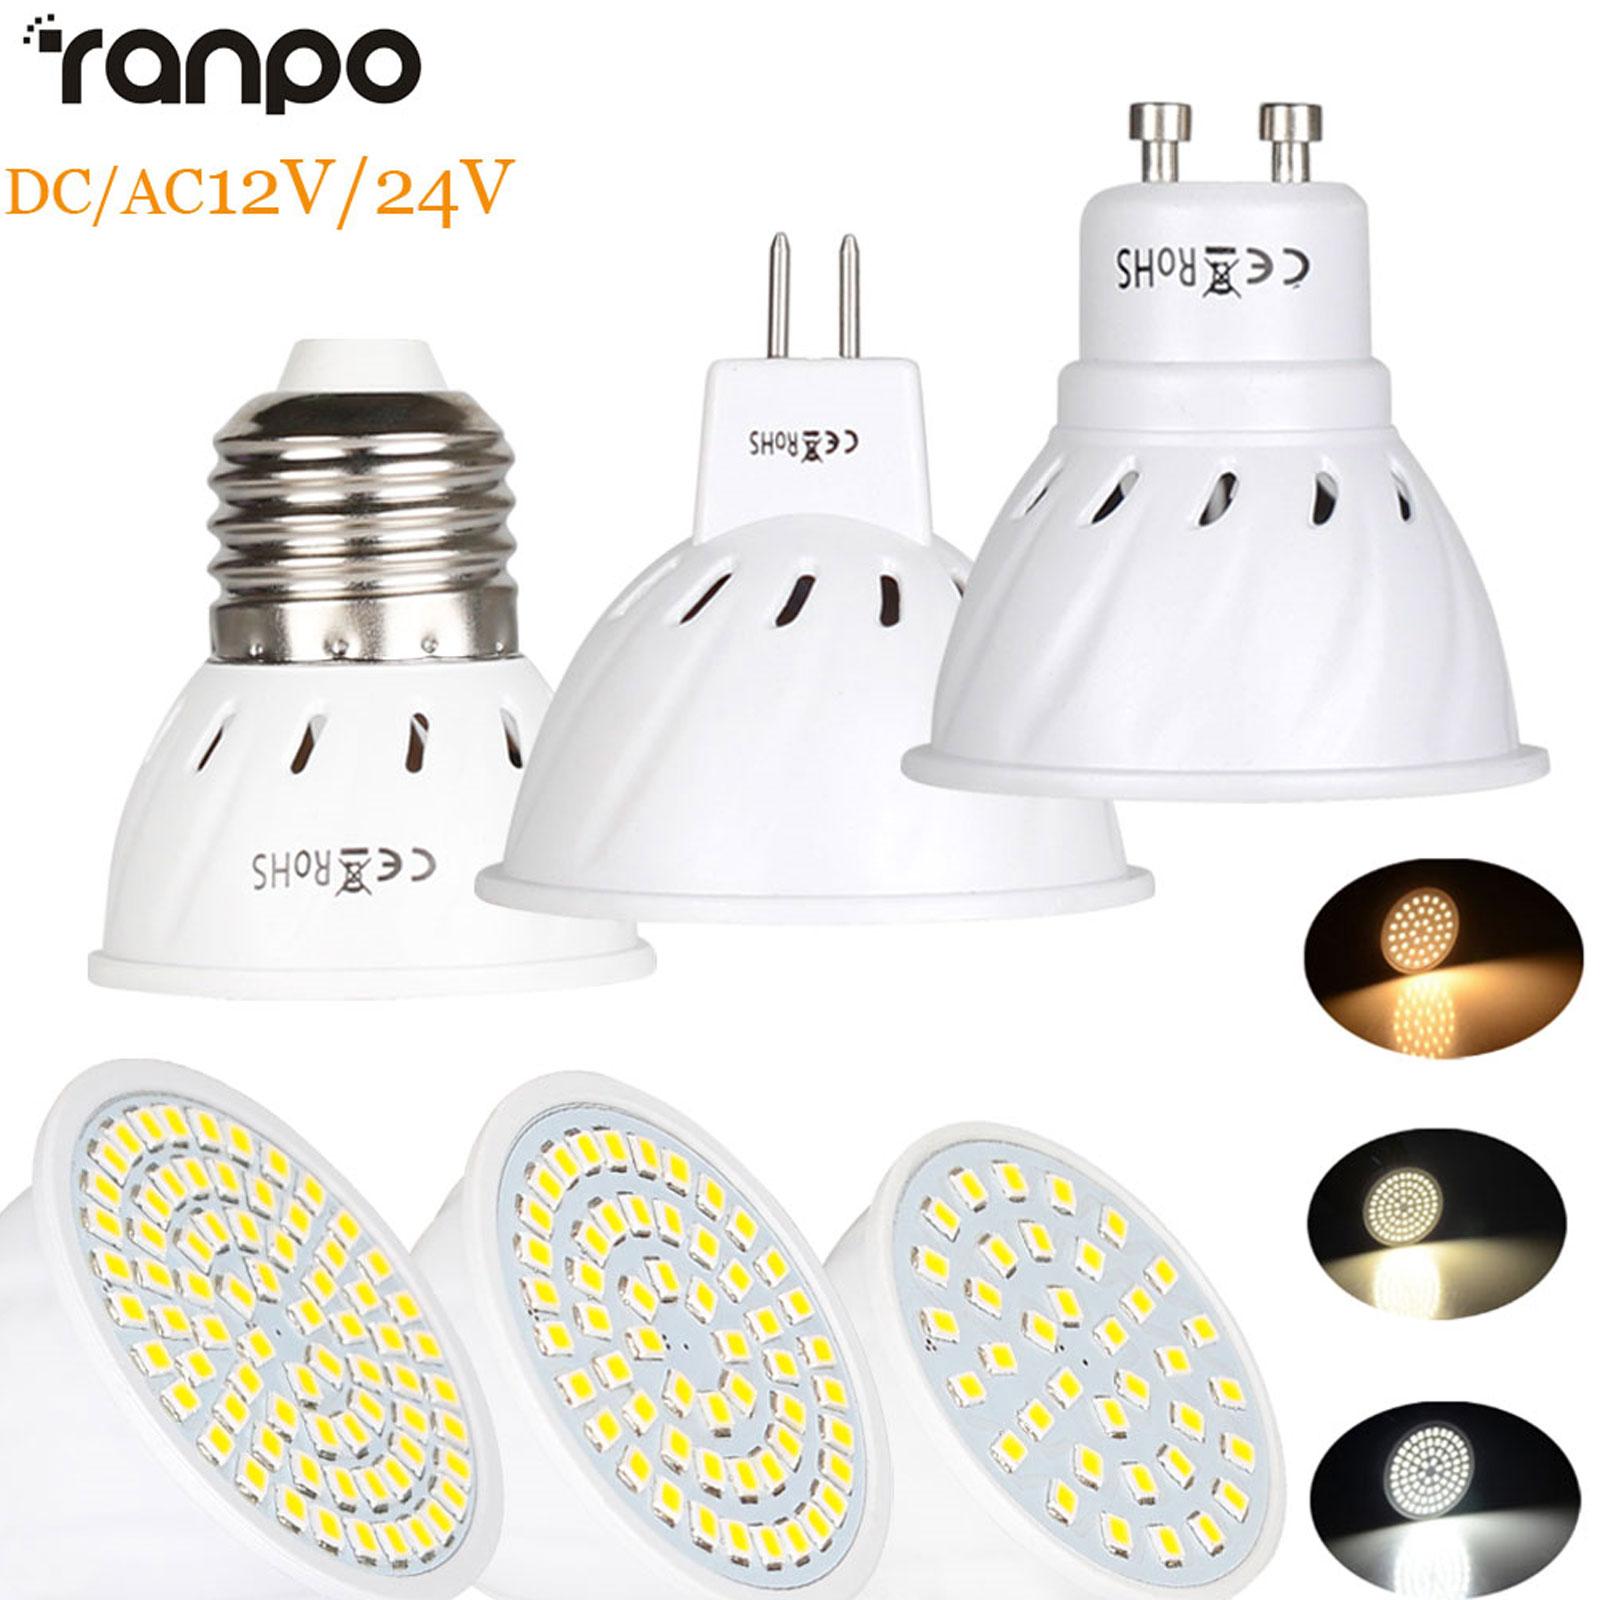 AC110V LED Bulb Light Spotlight 4W 6W 8W MR16 GU10 E27 2835 SMD Decor Lamp